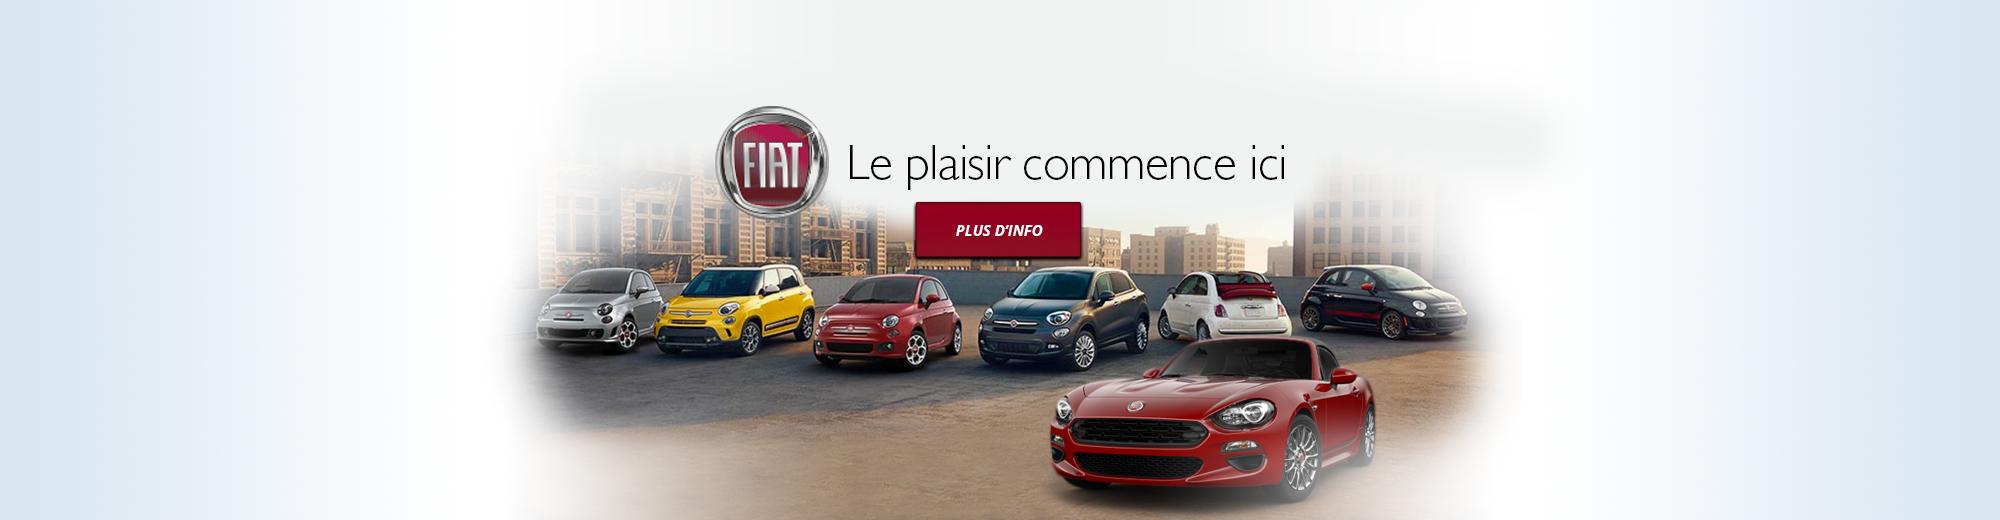 Fiat | Le plaisir commence ici